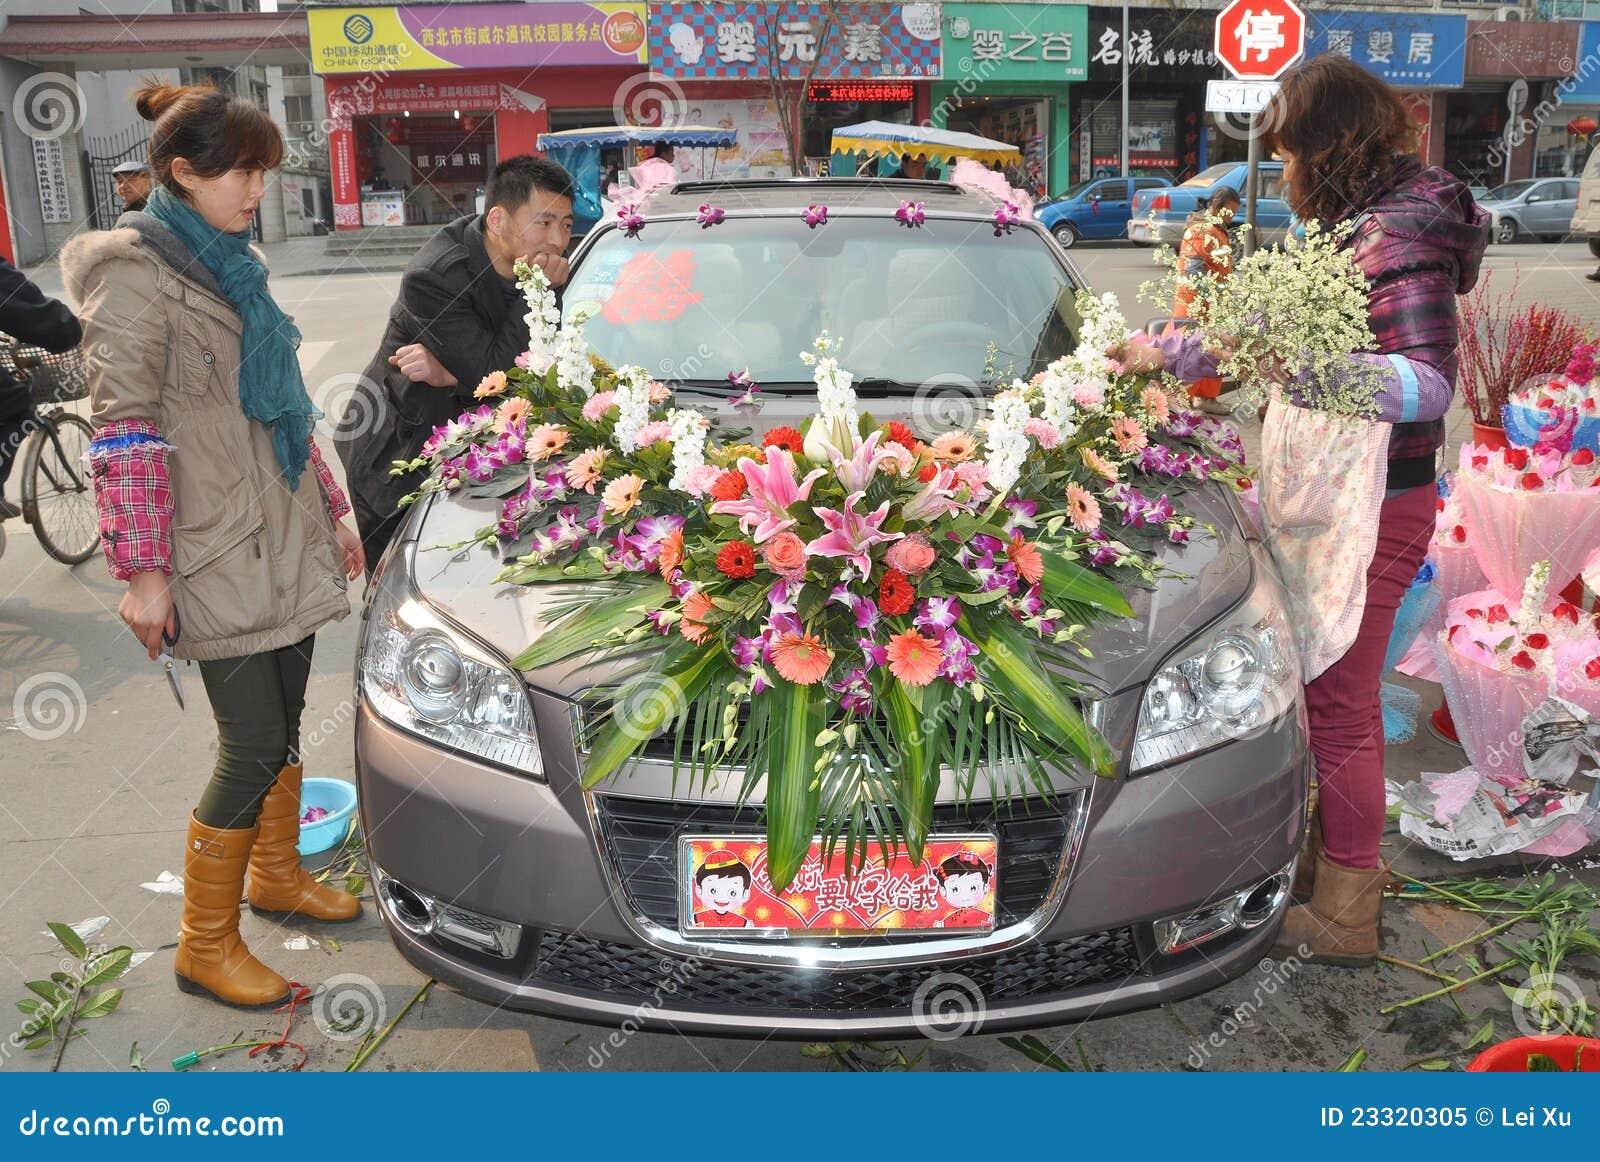 huwelijk in china Het huwelijk daarentegen verzekert het geluk voor de echtgenoot, de vrouwen en de kinderen en doet geen schade of pijn aan andere echtgenoten of vrouwen verboden vormen van huwelijk in de islam is het verboden voor een man om de volgende familieleden te huwen.